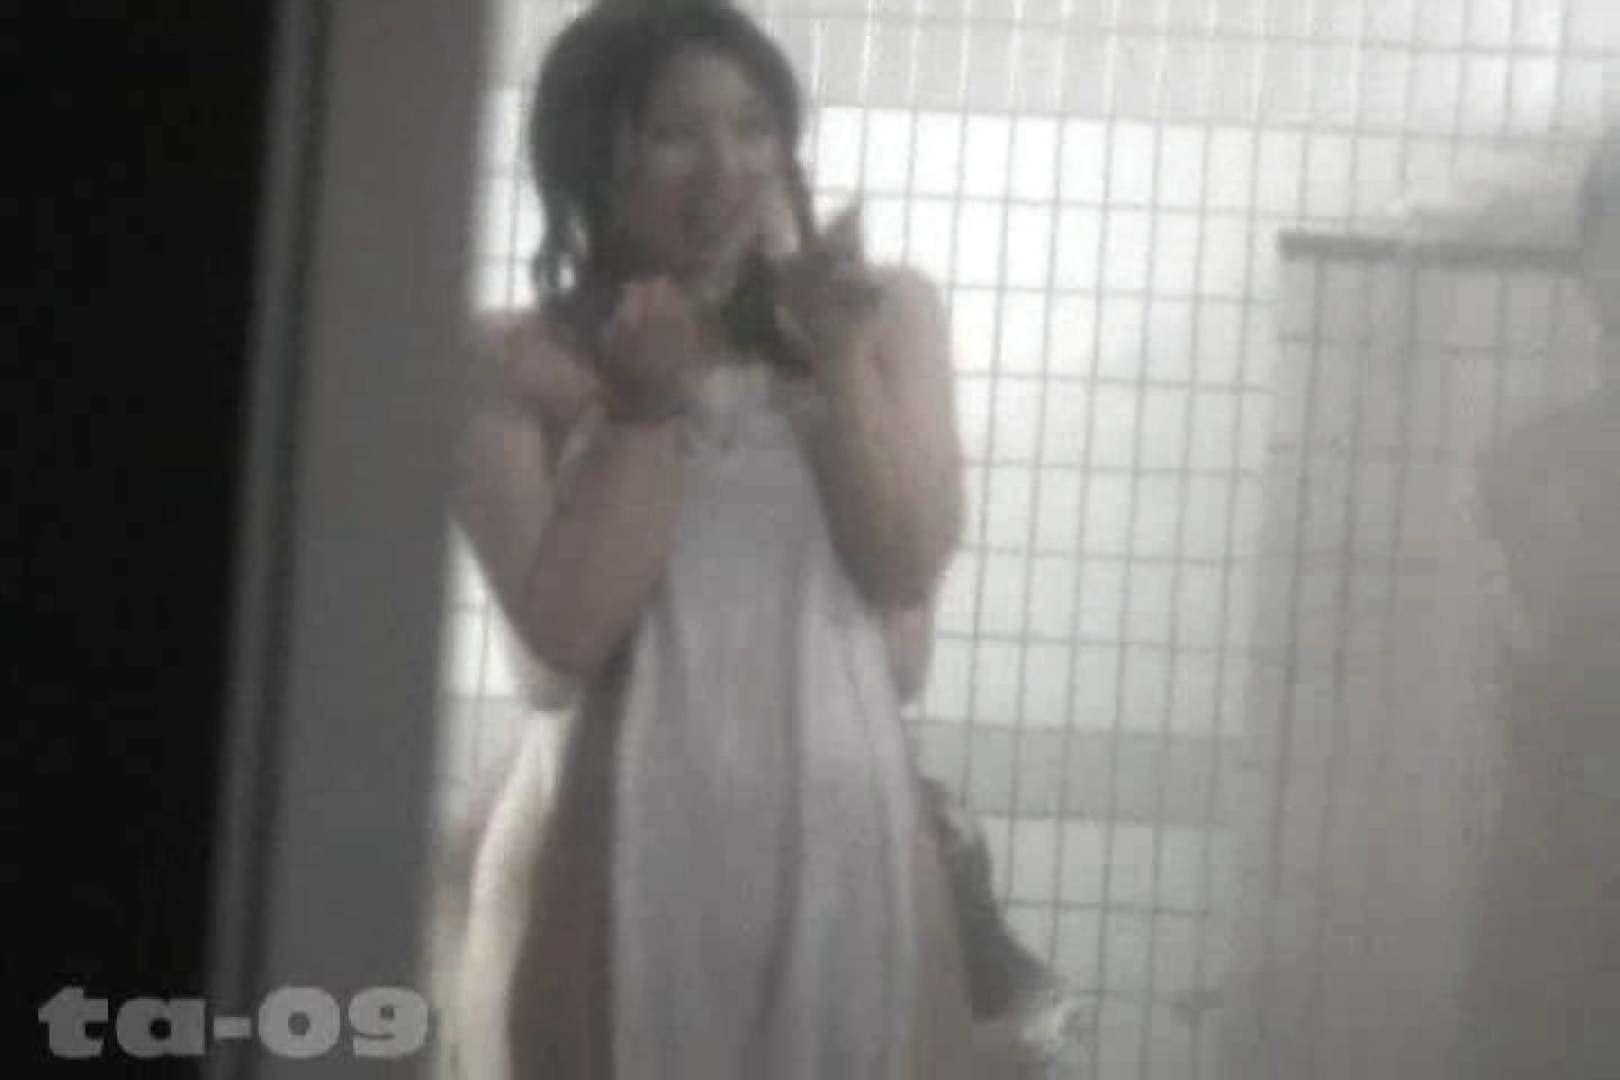 合宿ホテル女風呂盗撮高画質版 Vol.09 OL女体 エロ画像 82連発 14